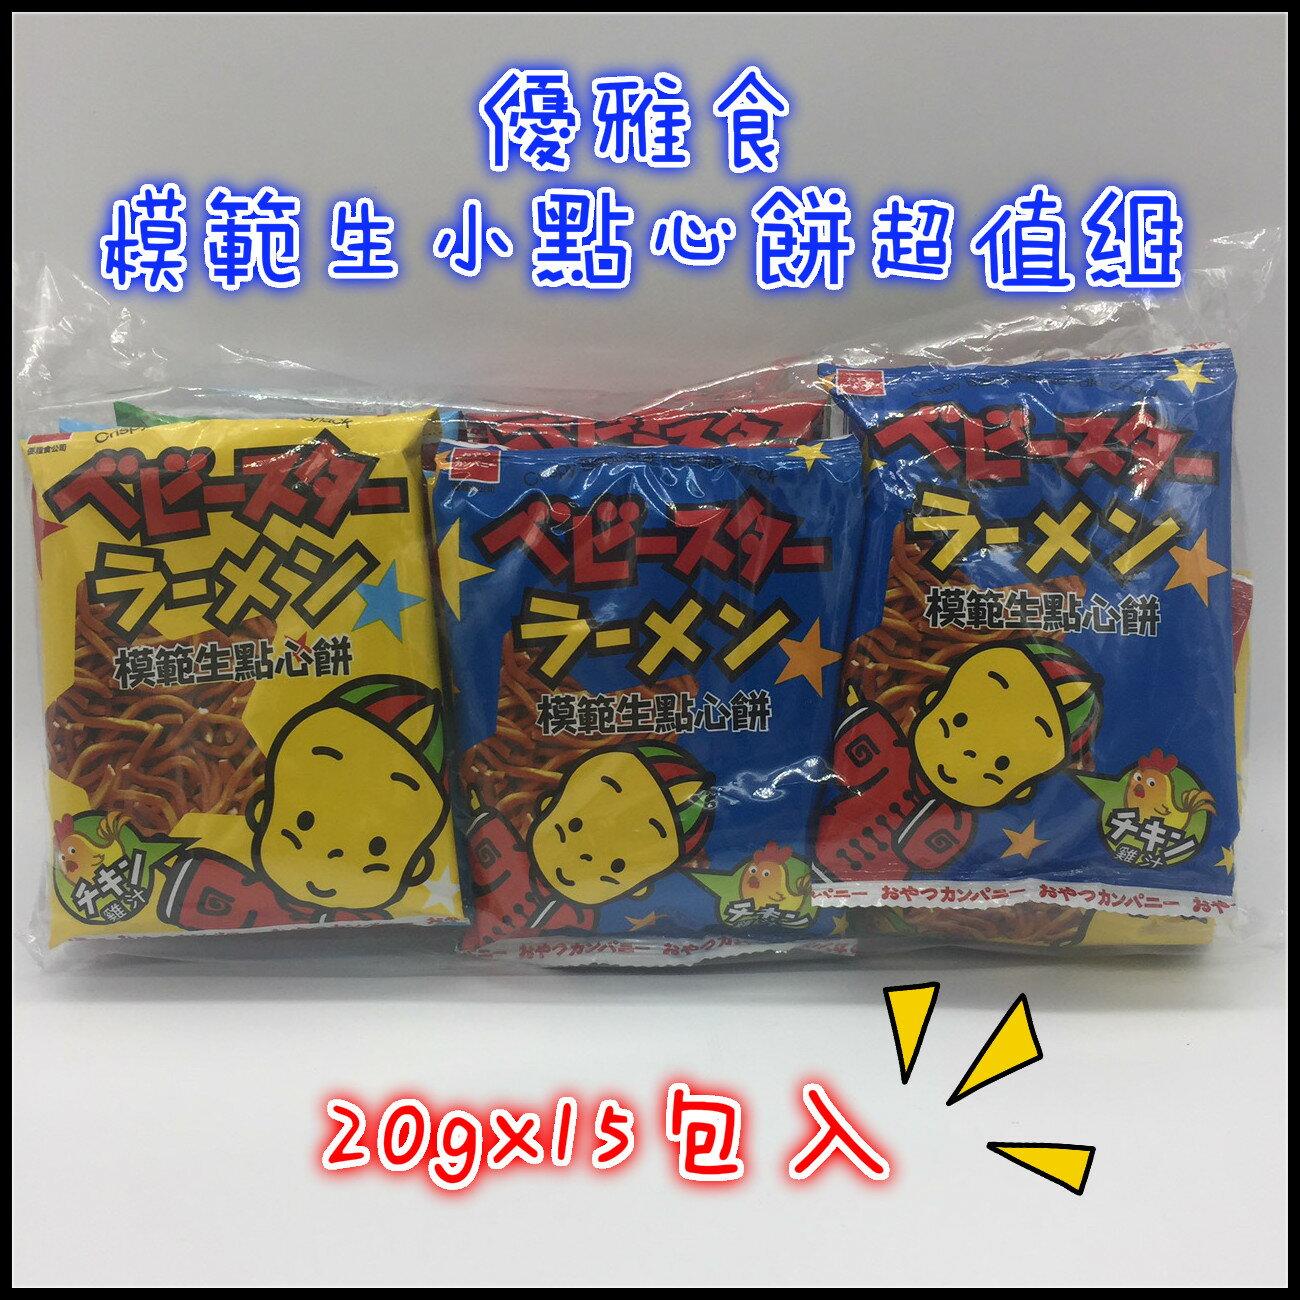 進口零食 優雅食OYATSU模範生小點心餅超值組 15包入 一包20克 日本進口 零食 點心 餅乾 糖果